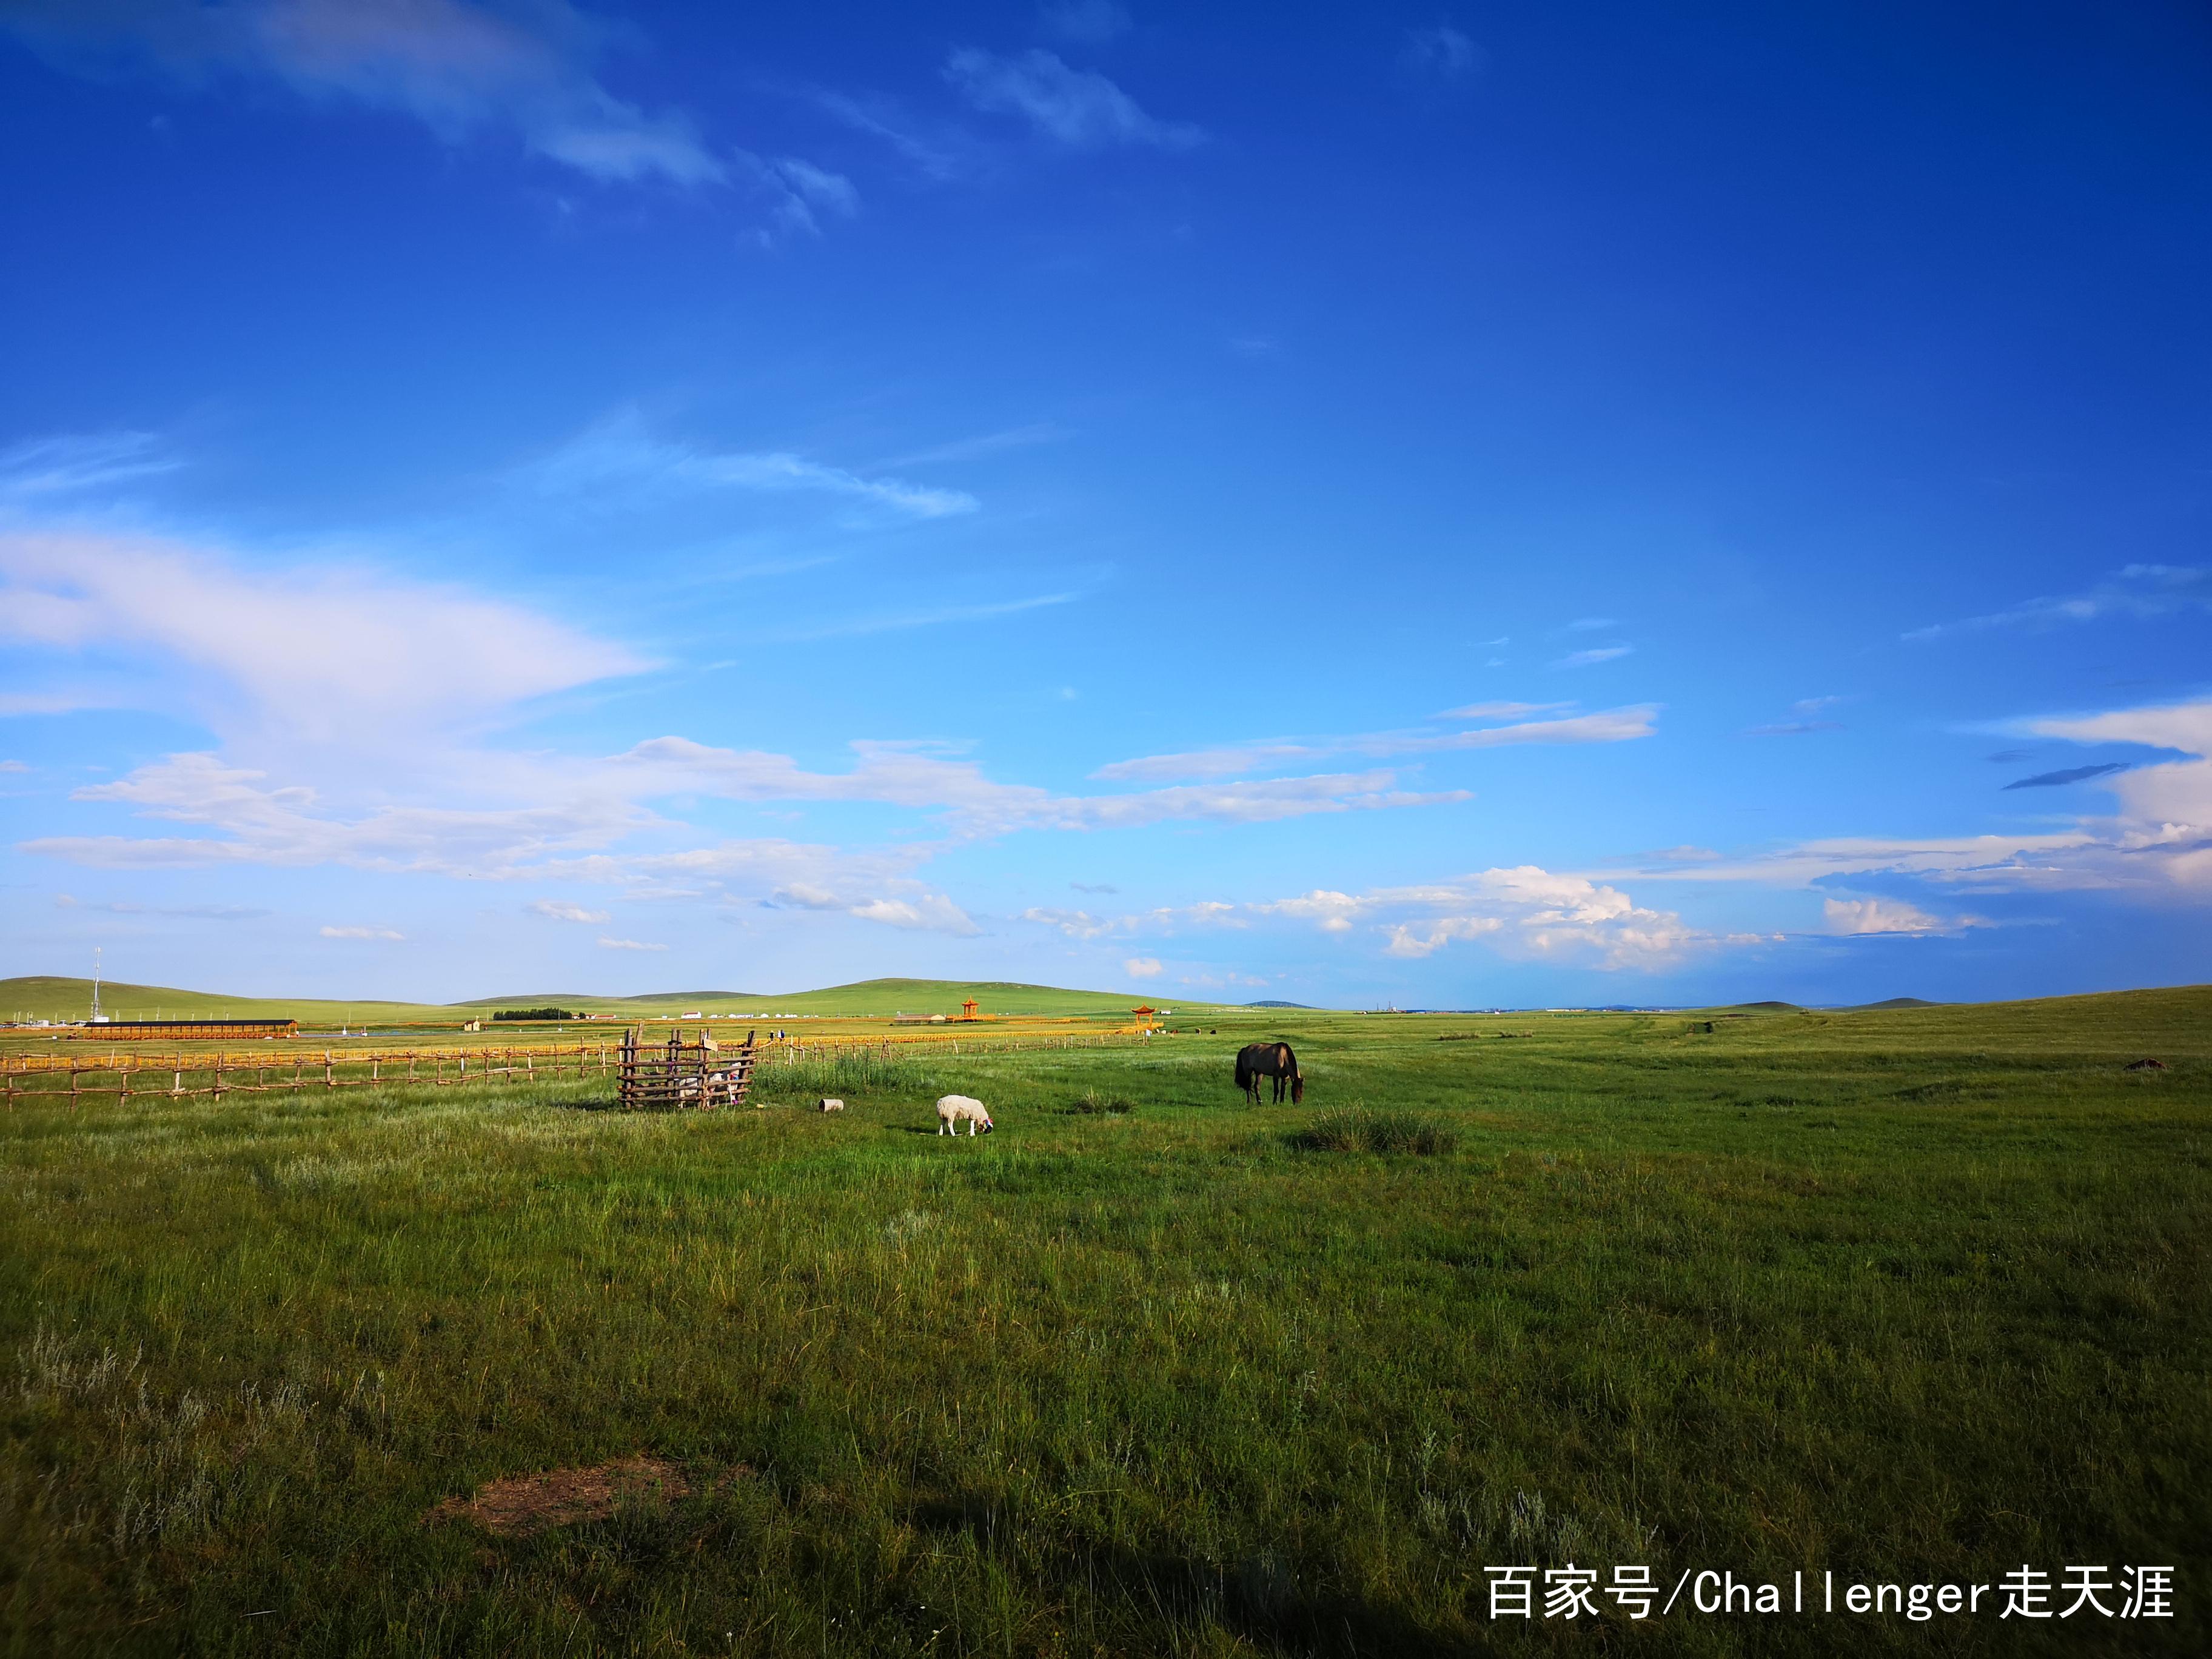 内蒙古锡林郭勒盟自驾游要这样玩—1行程安排